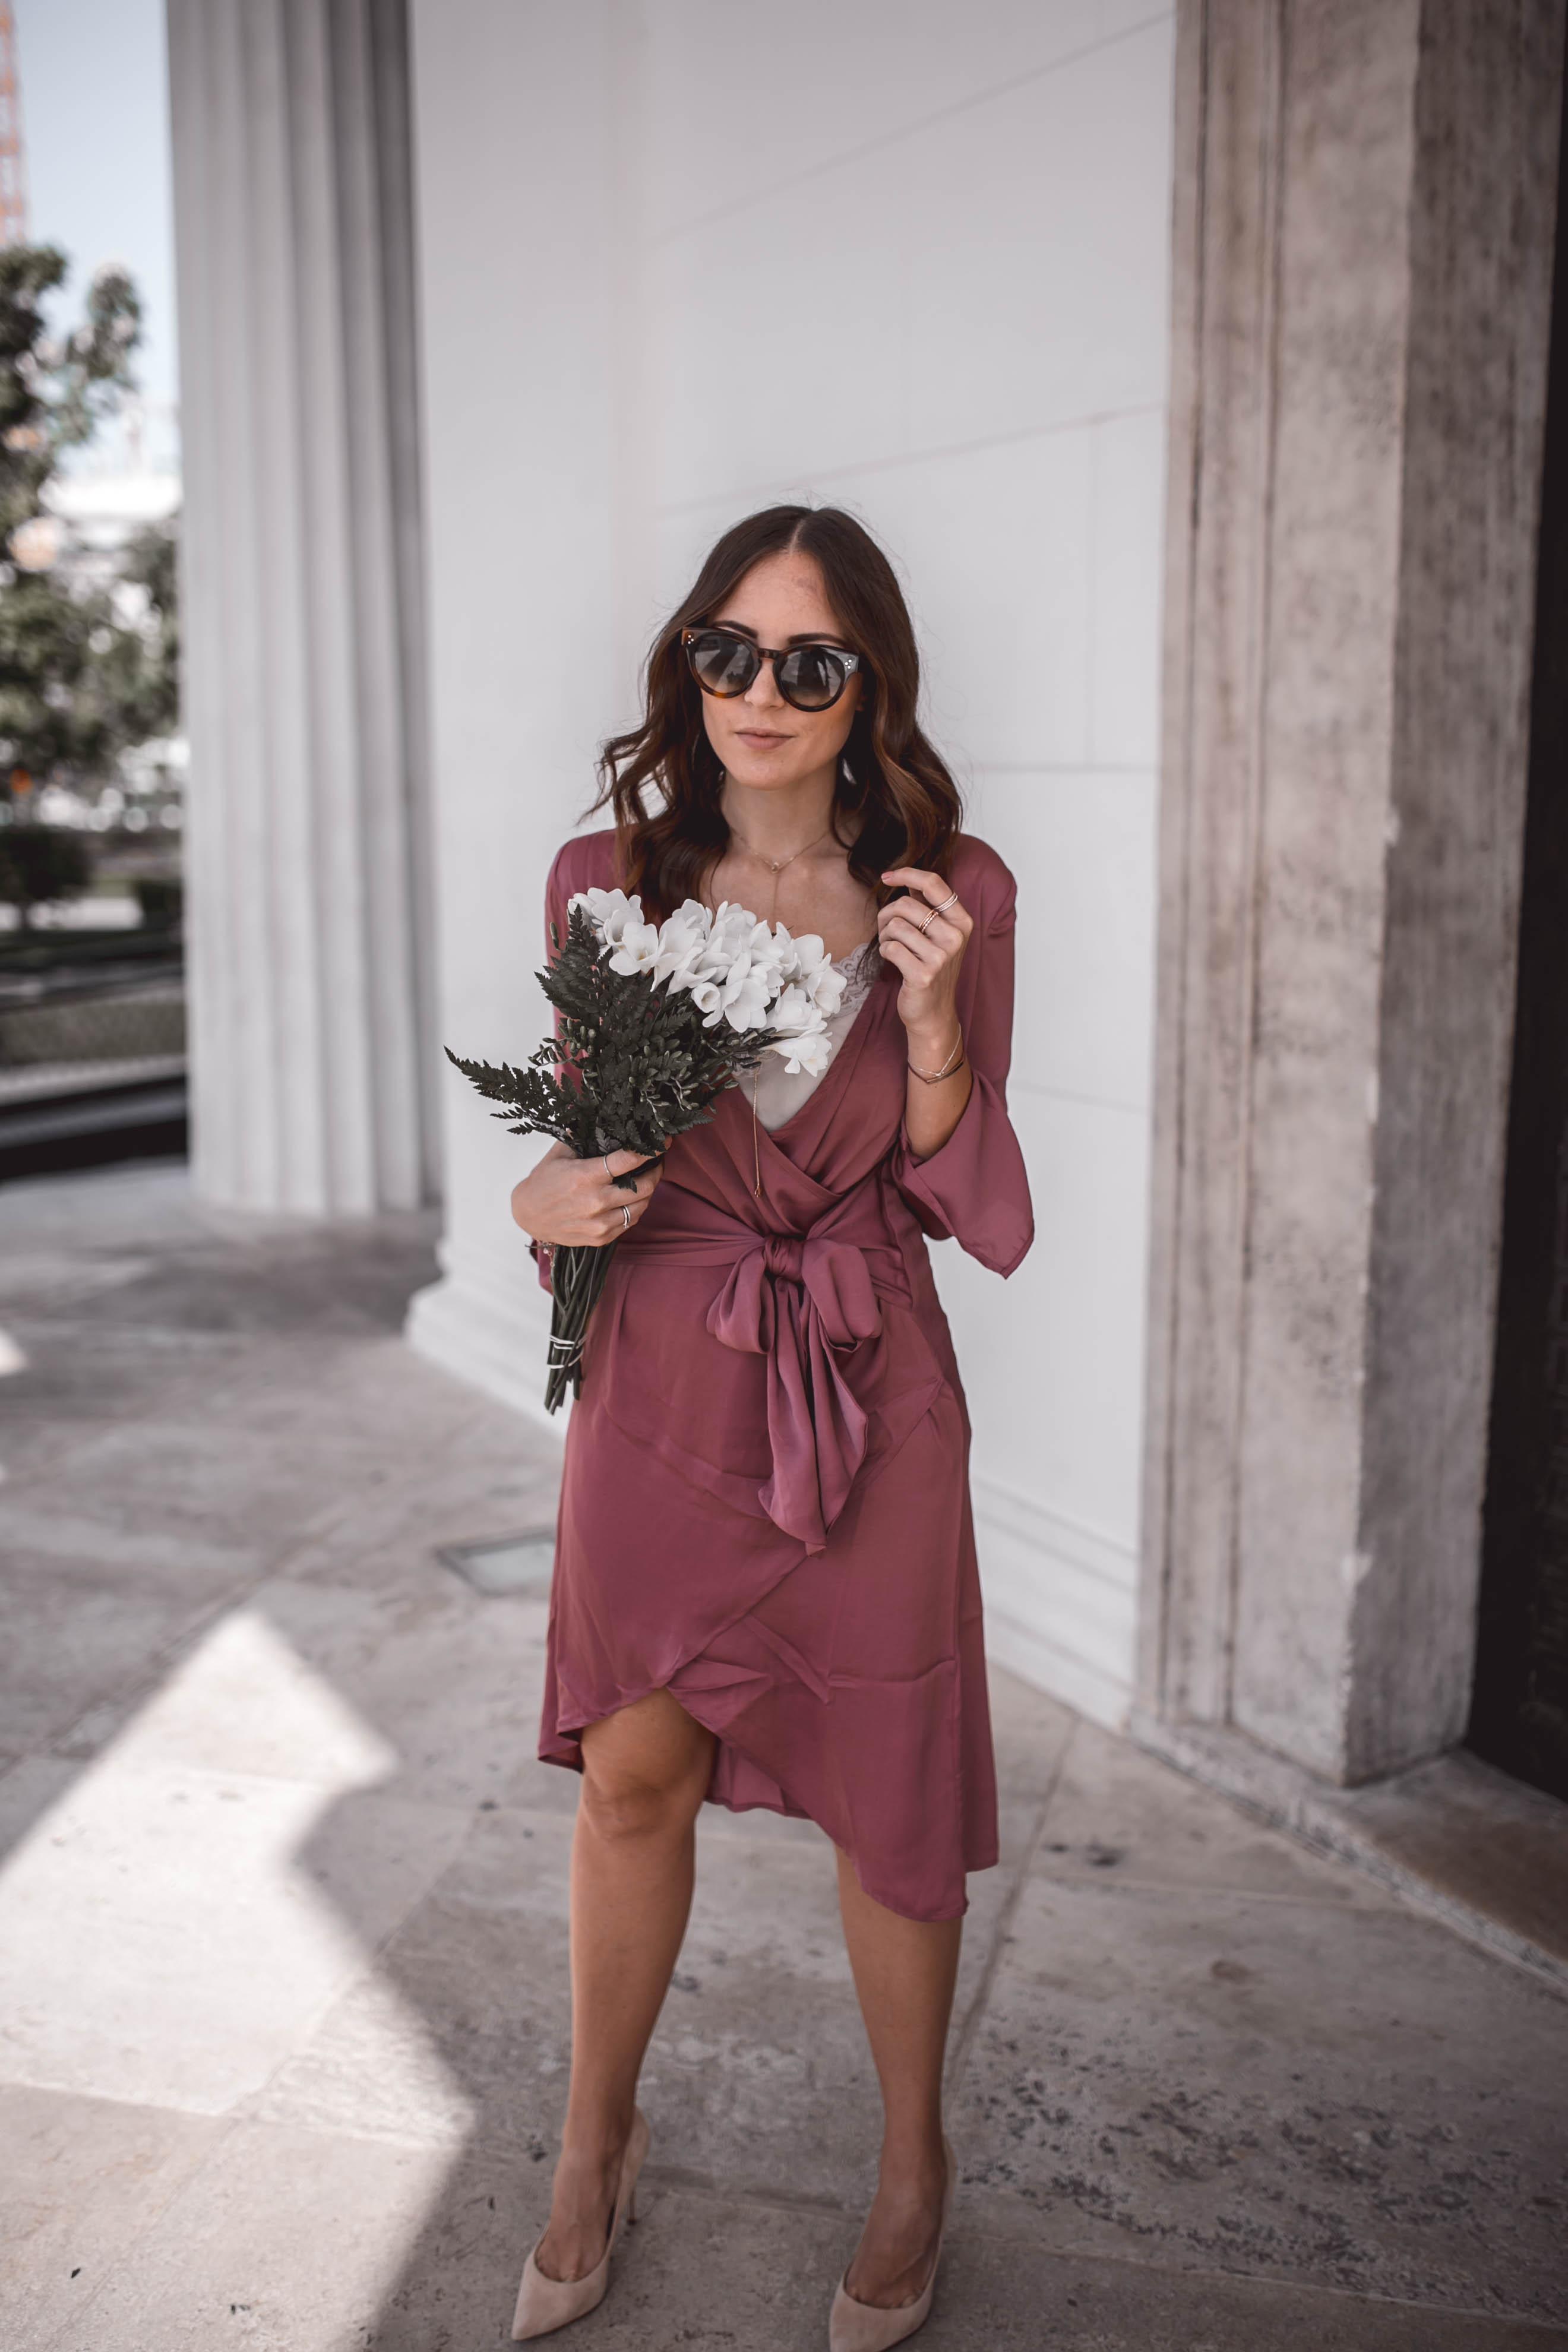 Hochzeit Gast Outfit